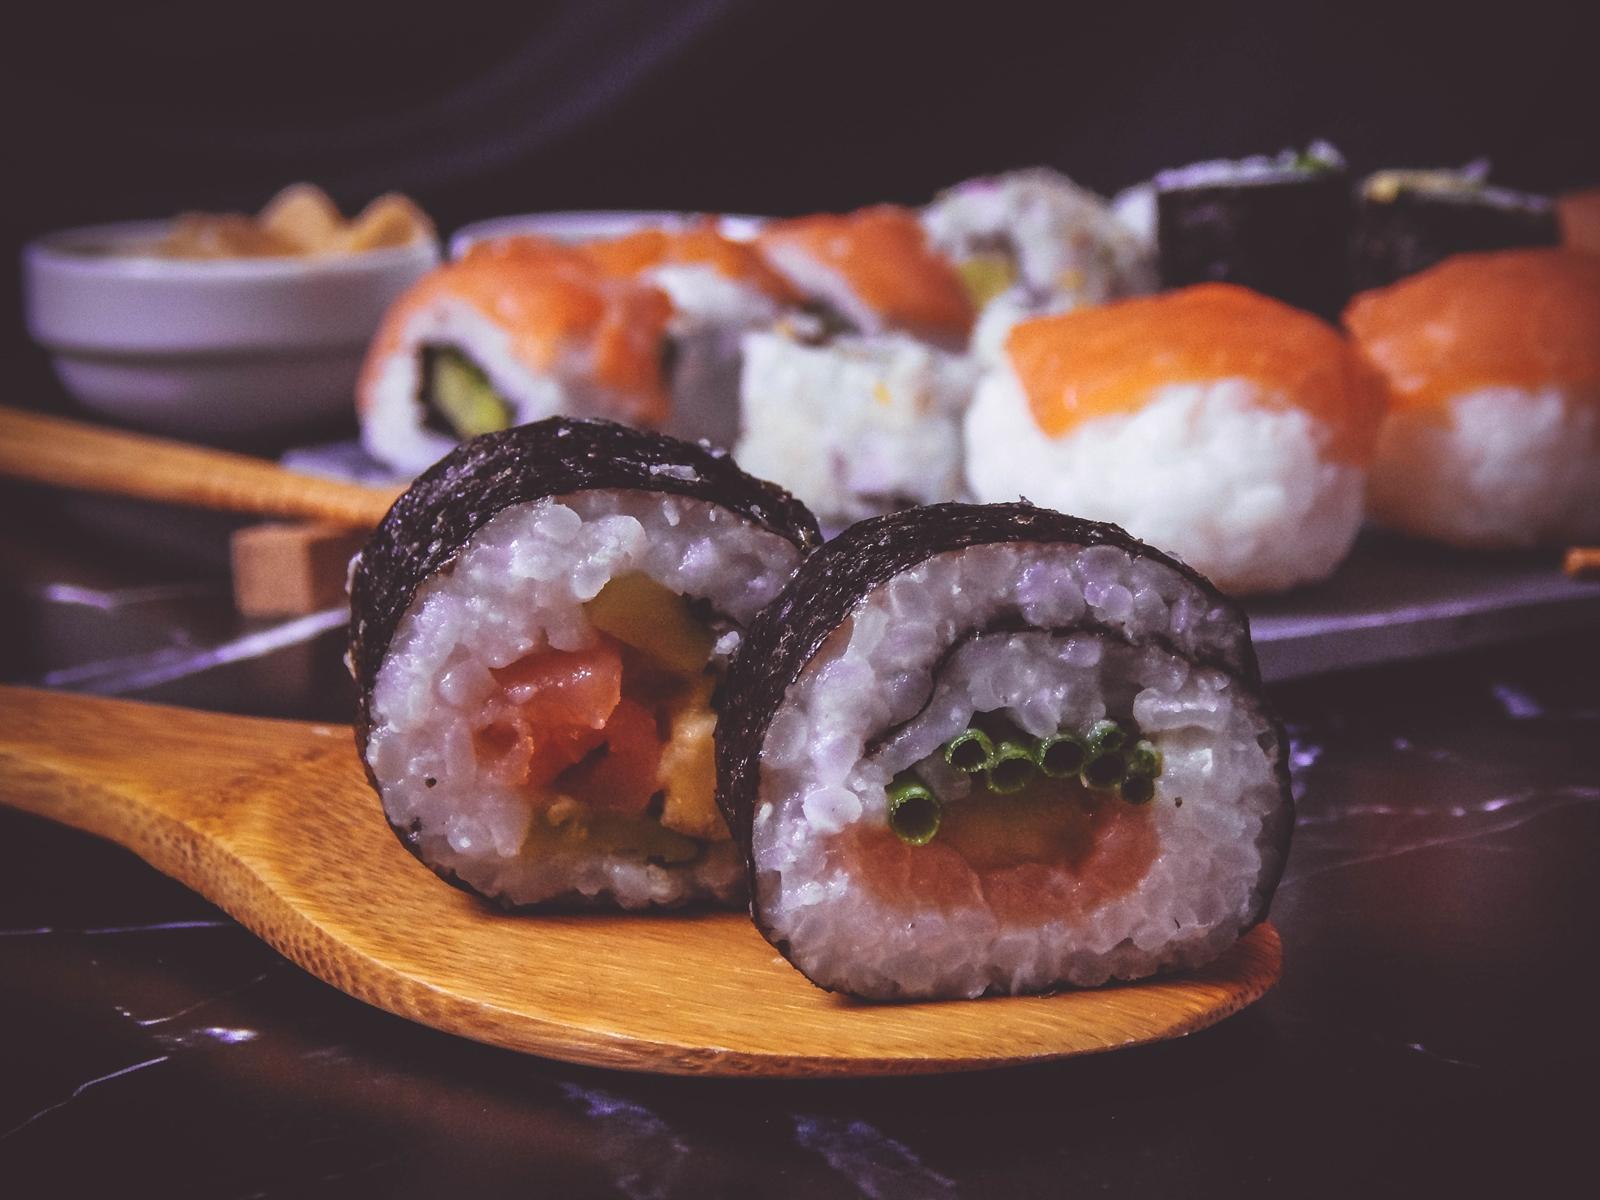 przepis na sushi jak zrobić sushi sushi bez surowej ryby z wędzonym łososiem dragon sushi przepis pomysły rodzaje sushi blog kulinarny melodylaniella łódź blogerka łódzka maki-sushi